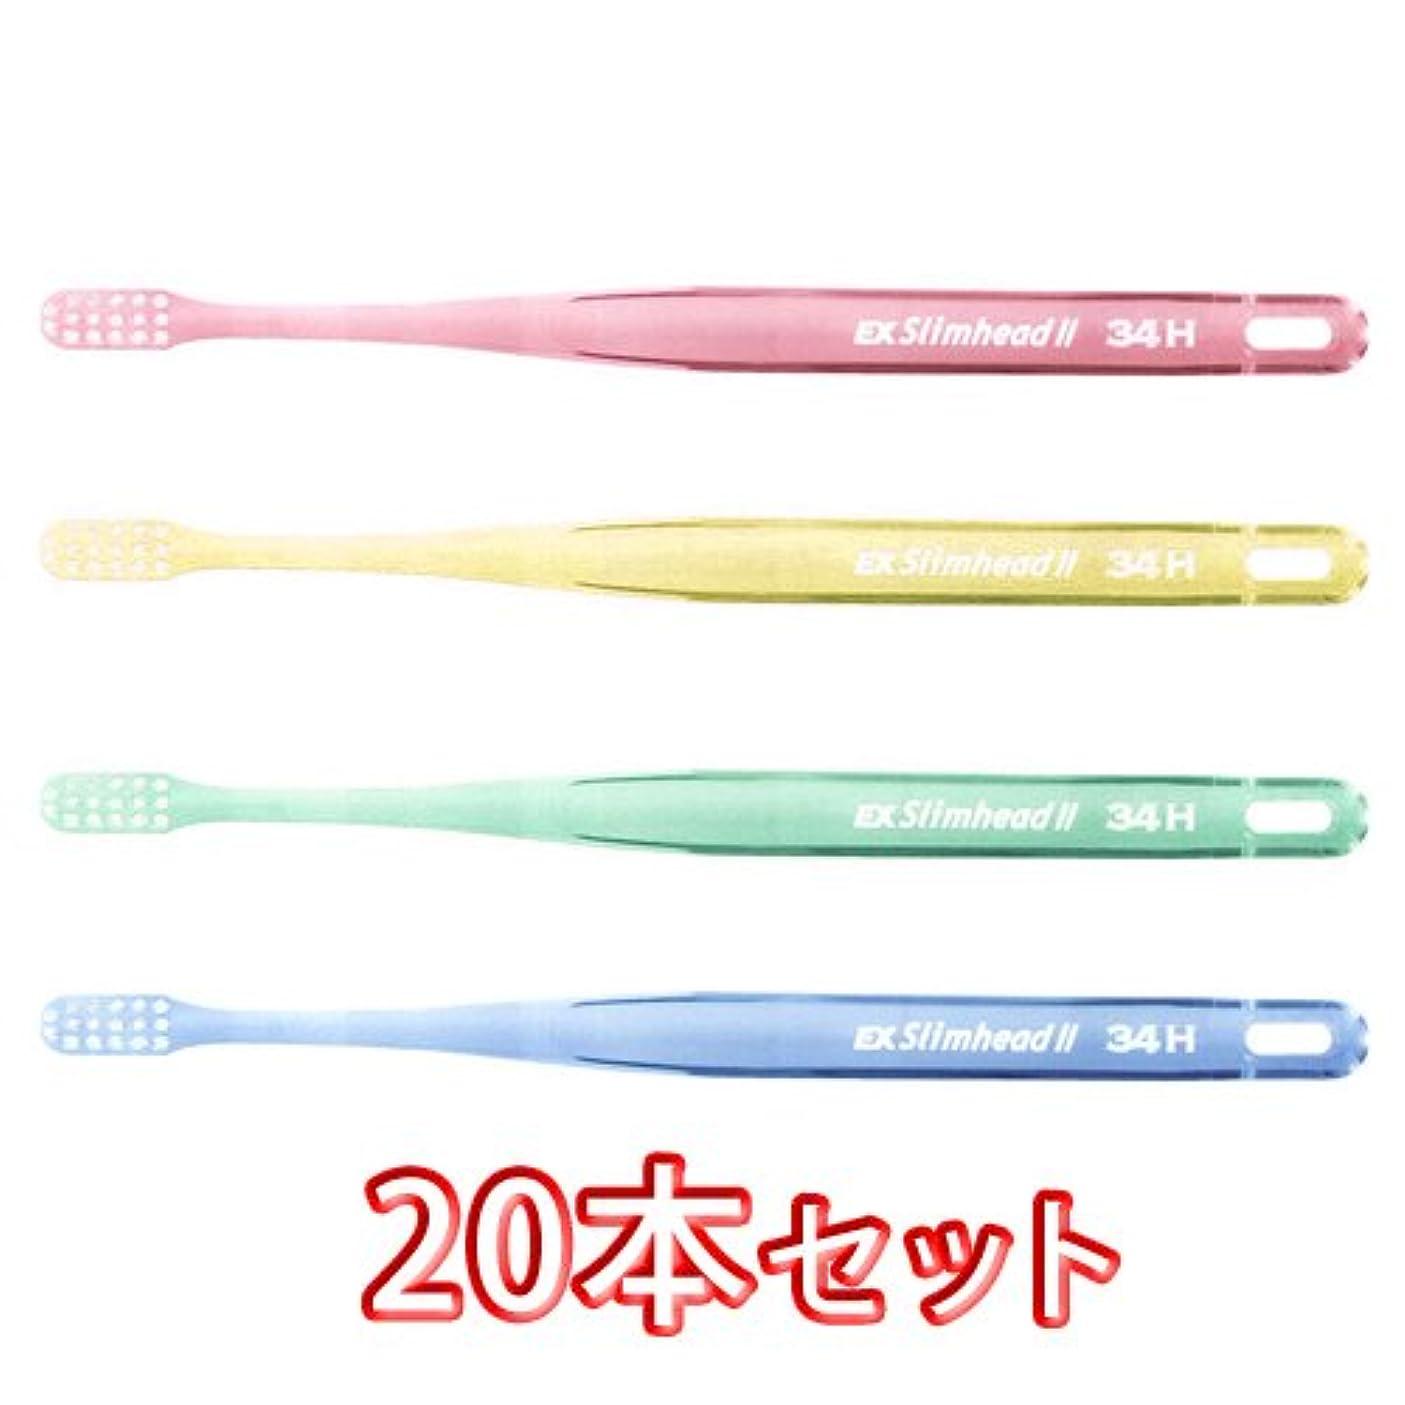 征服者カートリッジステーキライオン スリムヘッド2 歯ブラシ DENT . EX Slimhead2 20本入 (34H)